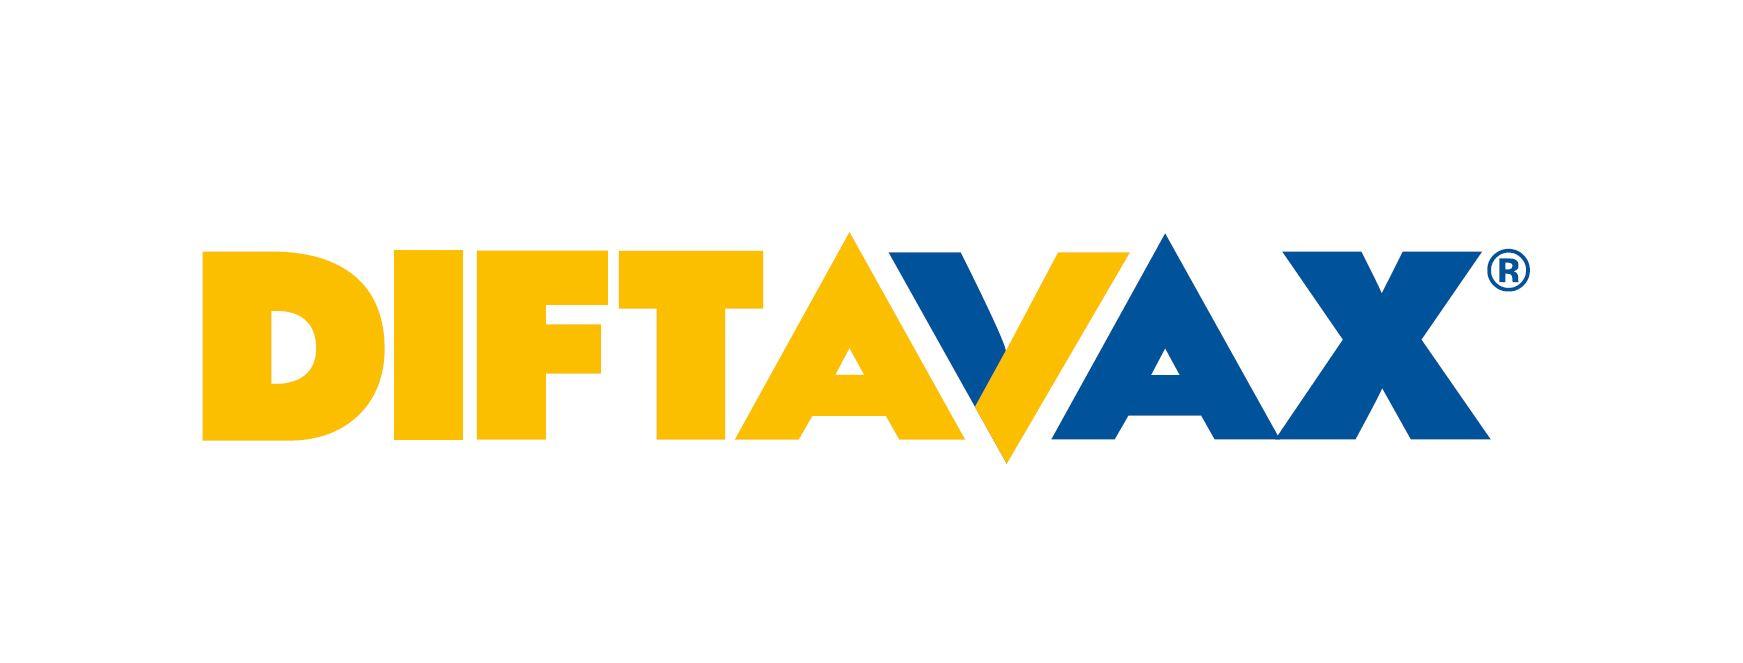 Diftavax